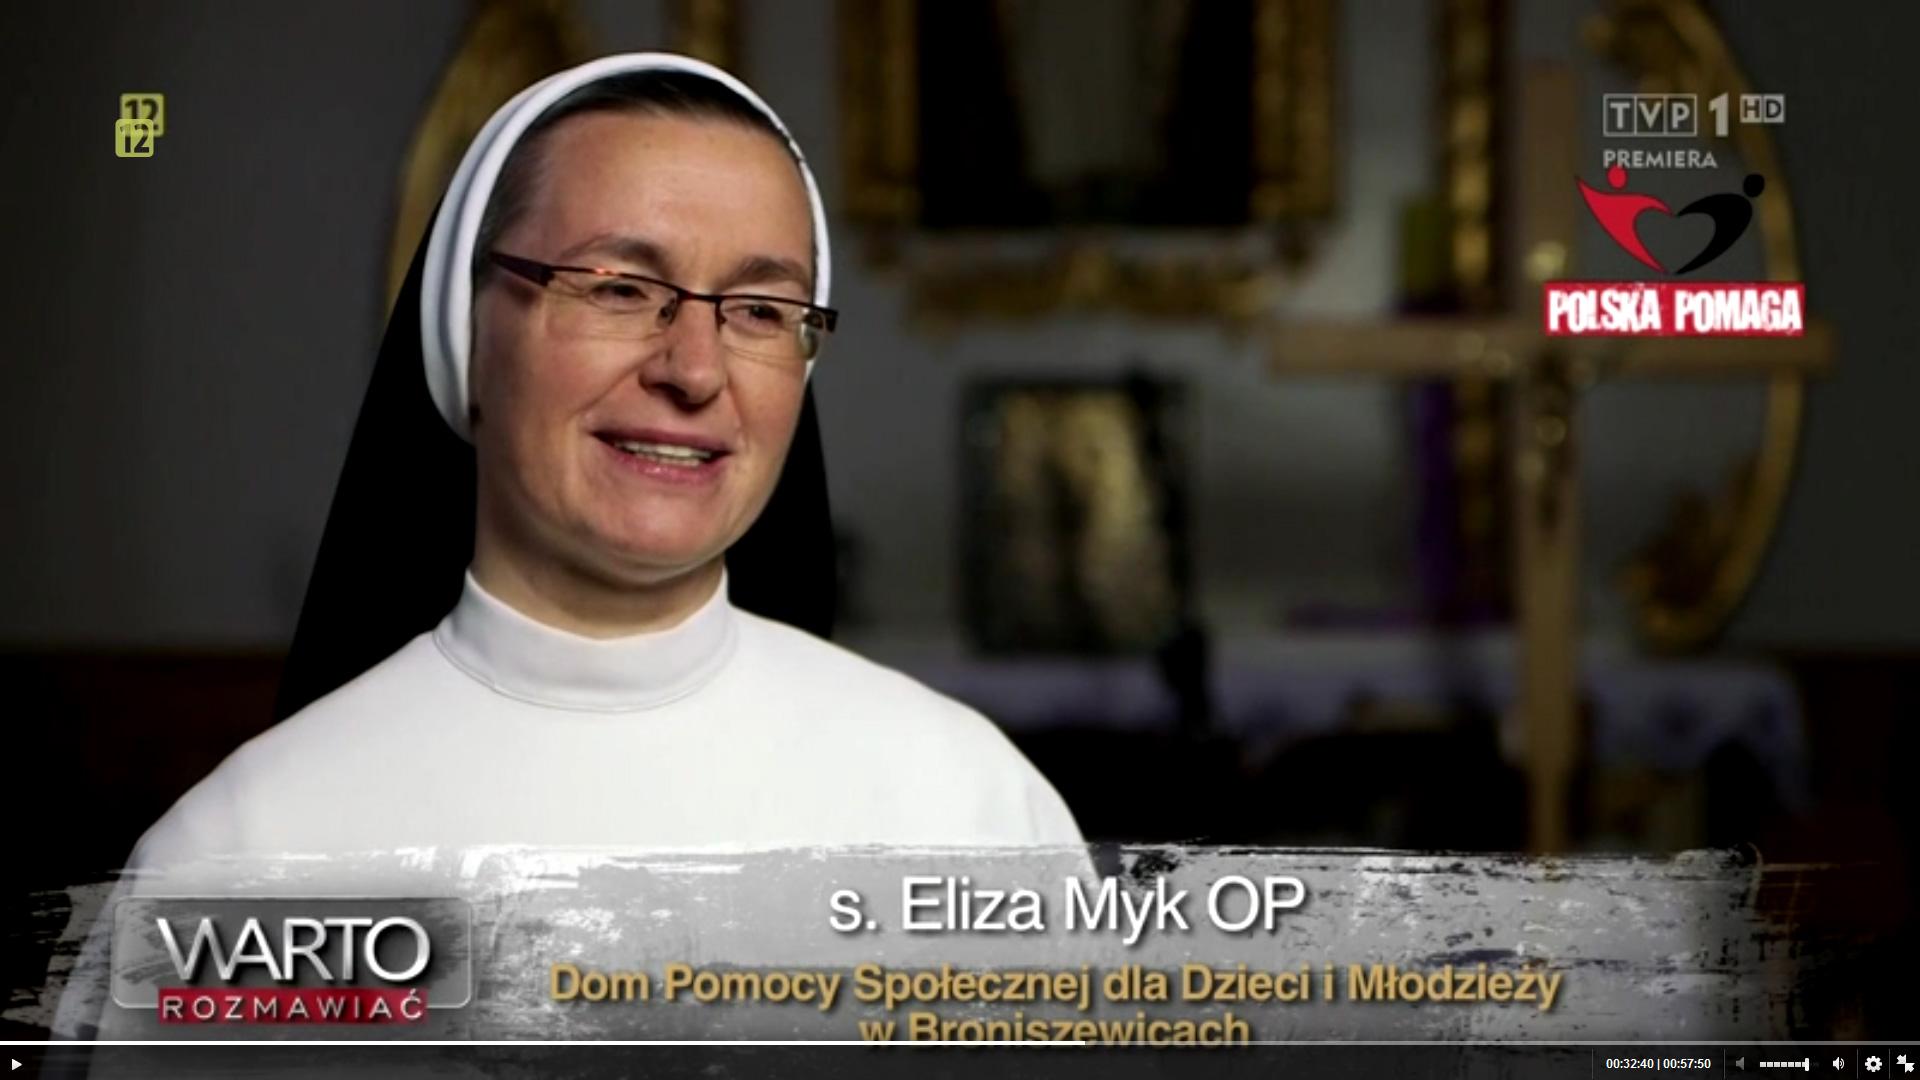 TVP1 – VOD – Warto rozmawiać  29.12.2016